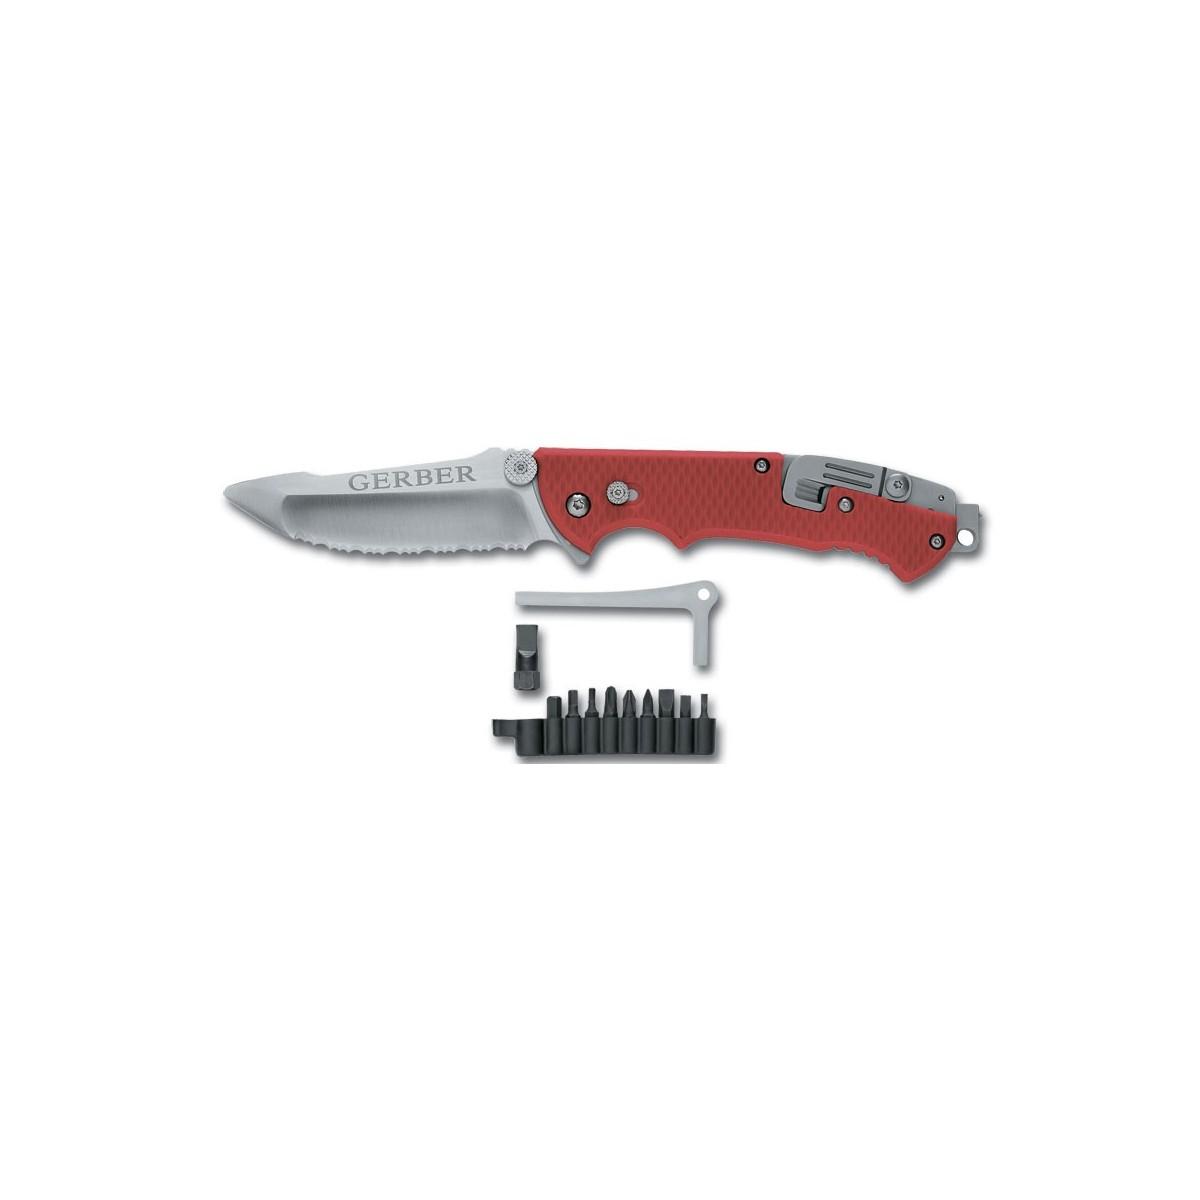 มีดพับ  Gerber Hinderer Rescue Knife w/Oxygen Tank Wrench and Accessory Tools